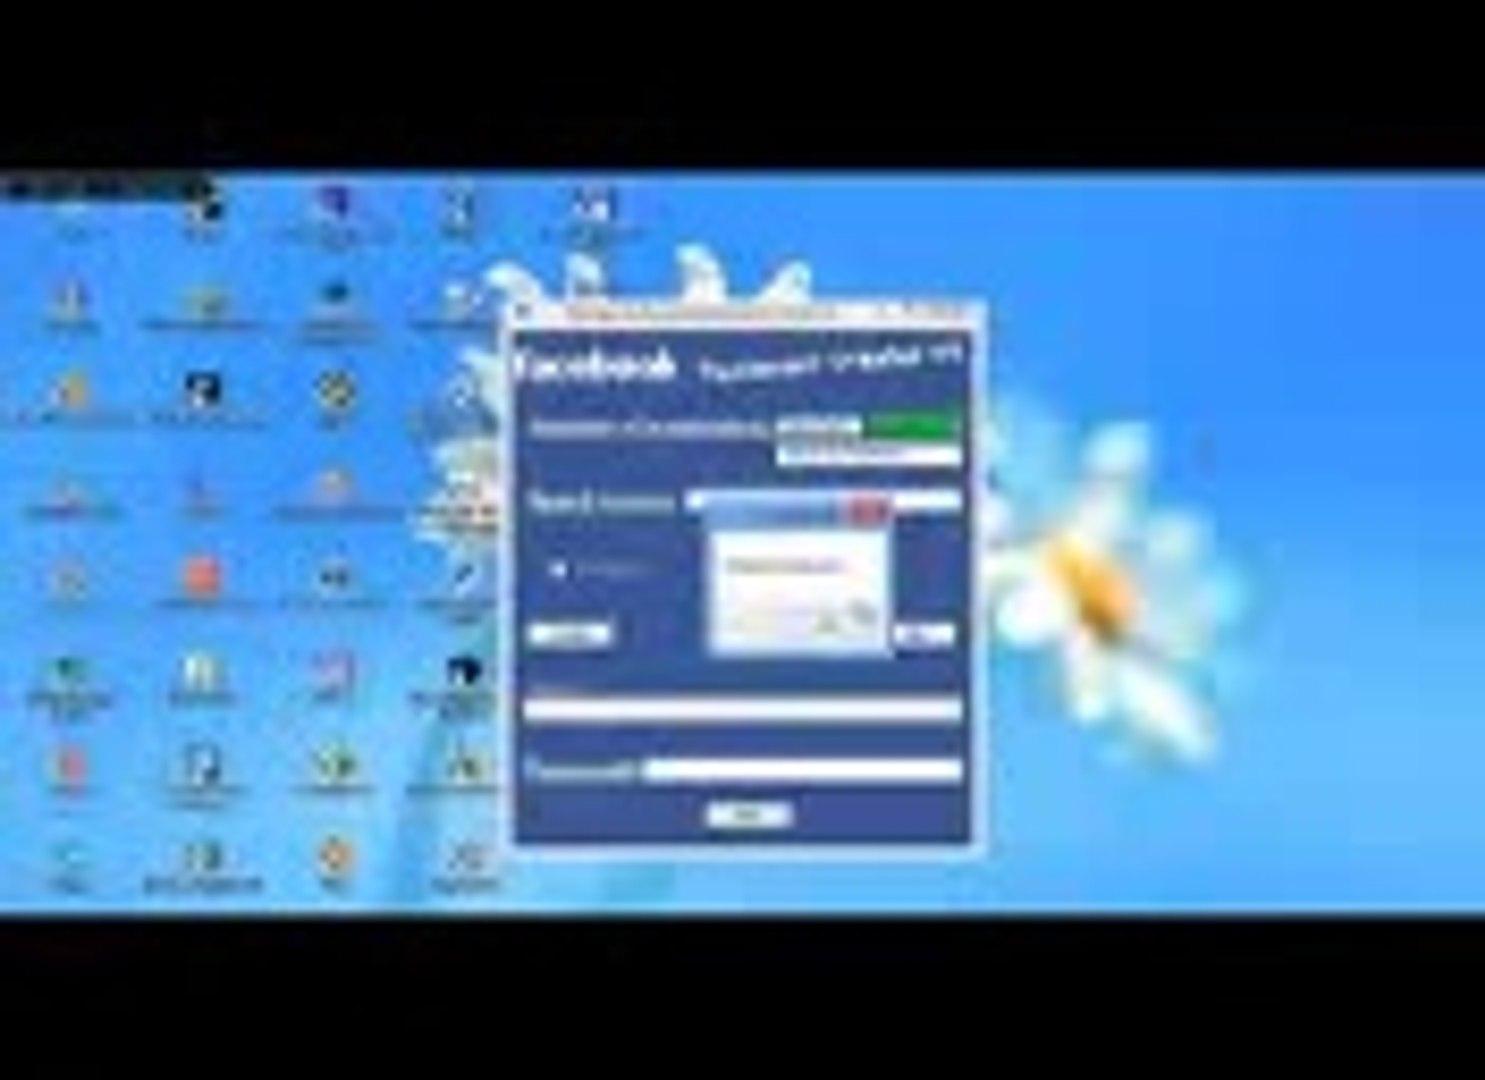 STEALER PASSWORD TÉLÉCHARGER V1.0 MSN